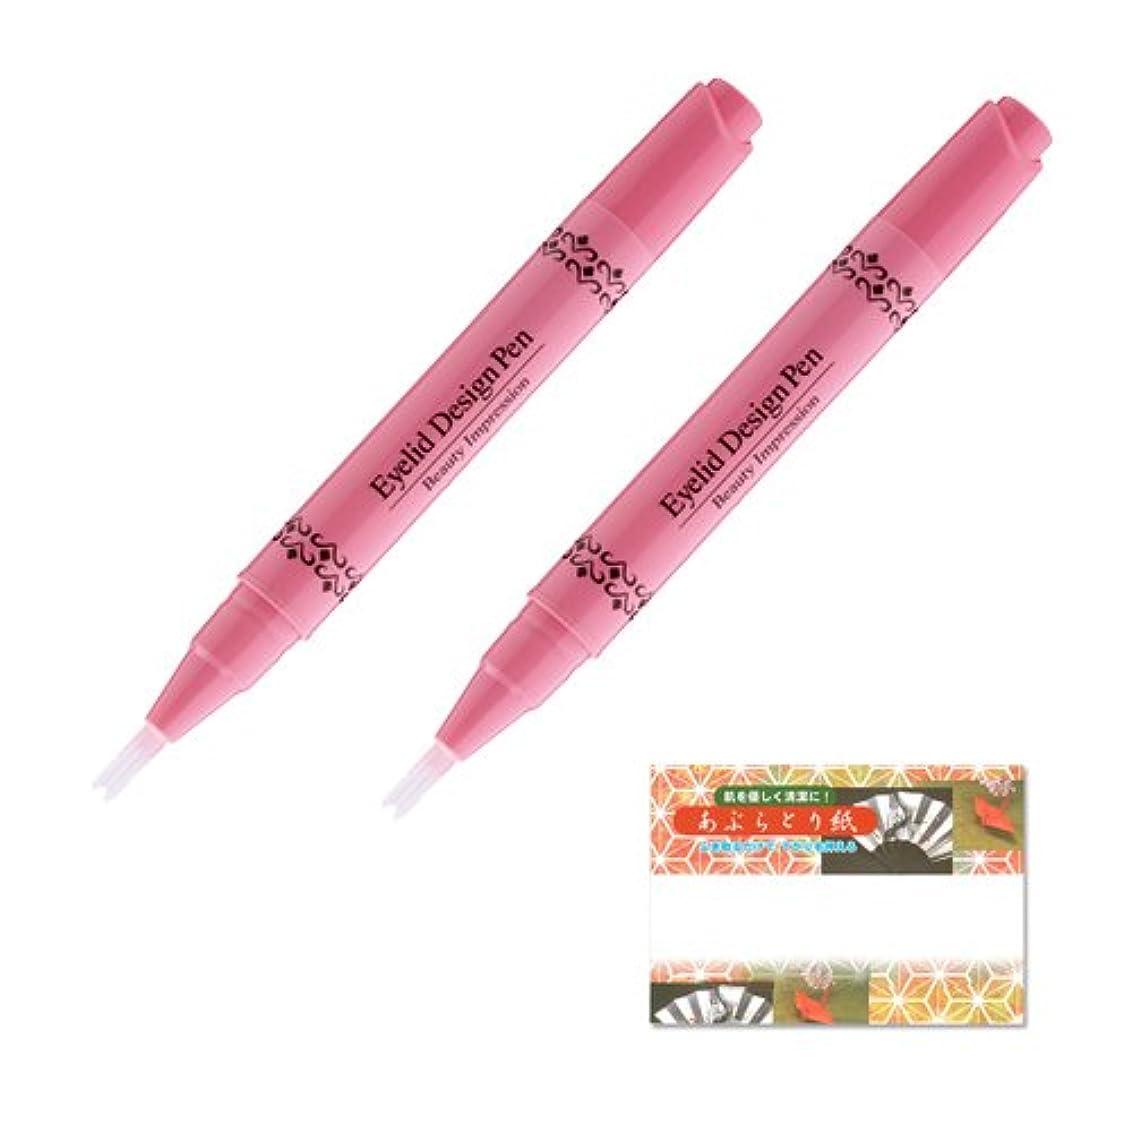 そうでなければ帽子クライマックスBeauty Impression アイリッドデザインペン 2ml (二重まぶた形成化粧品) ×2組 油取り紙のセット